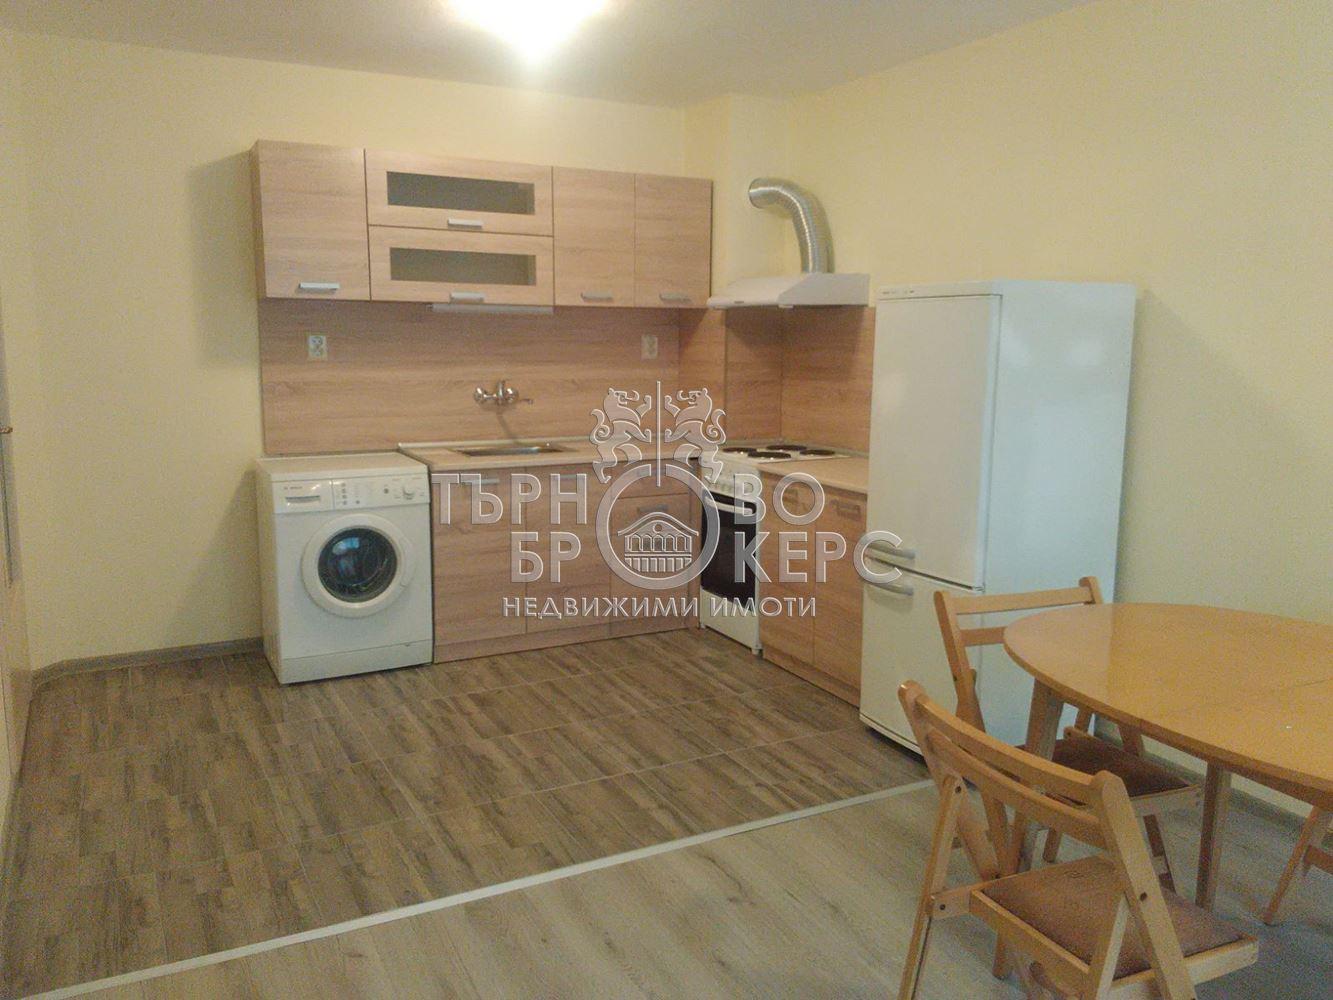 Двустаен апартамент  във  Велико Търново за 380лв - Двустаен